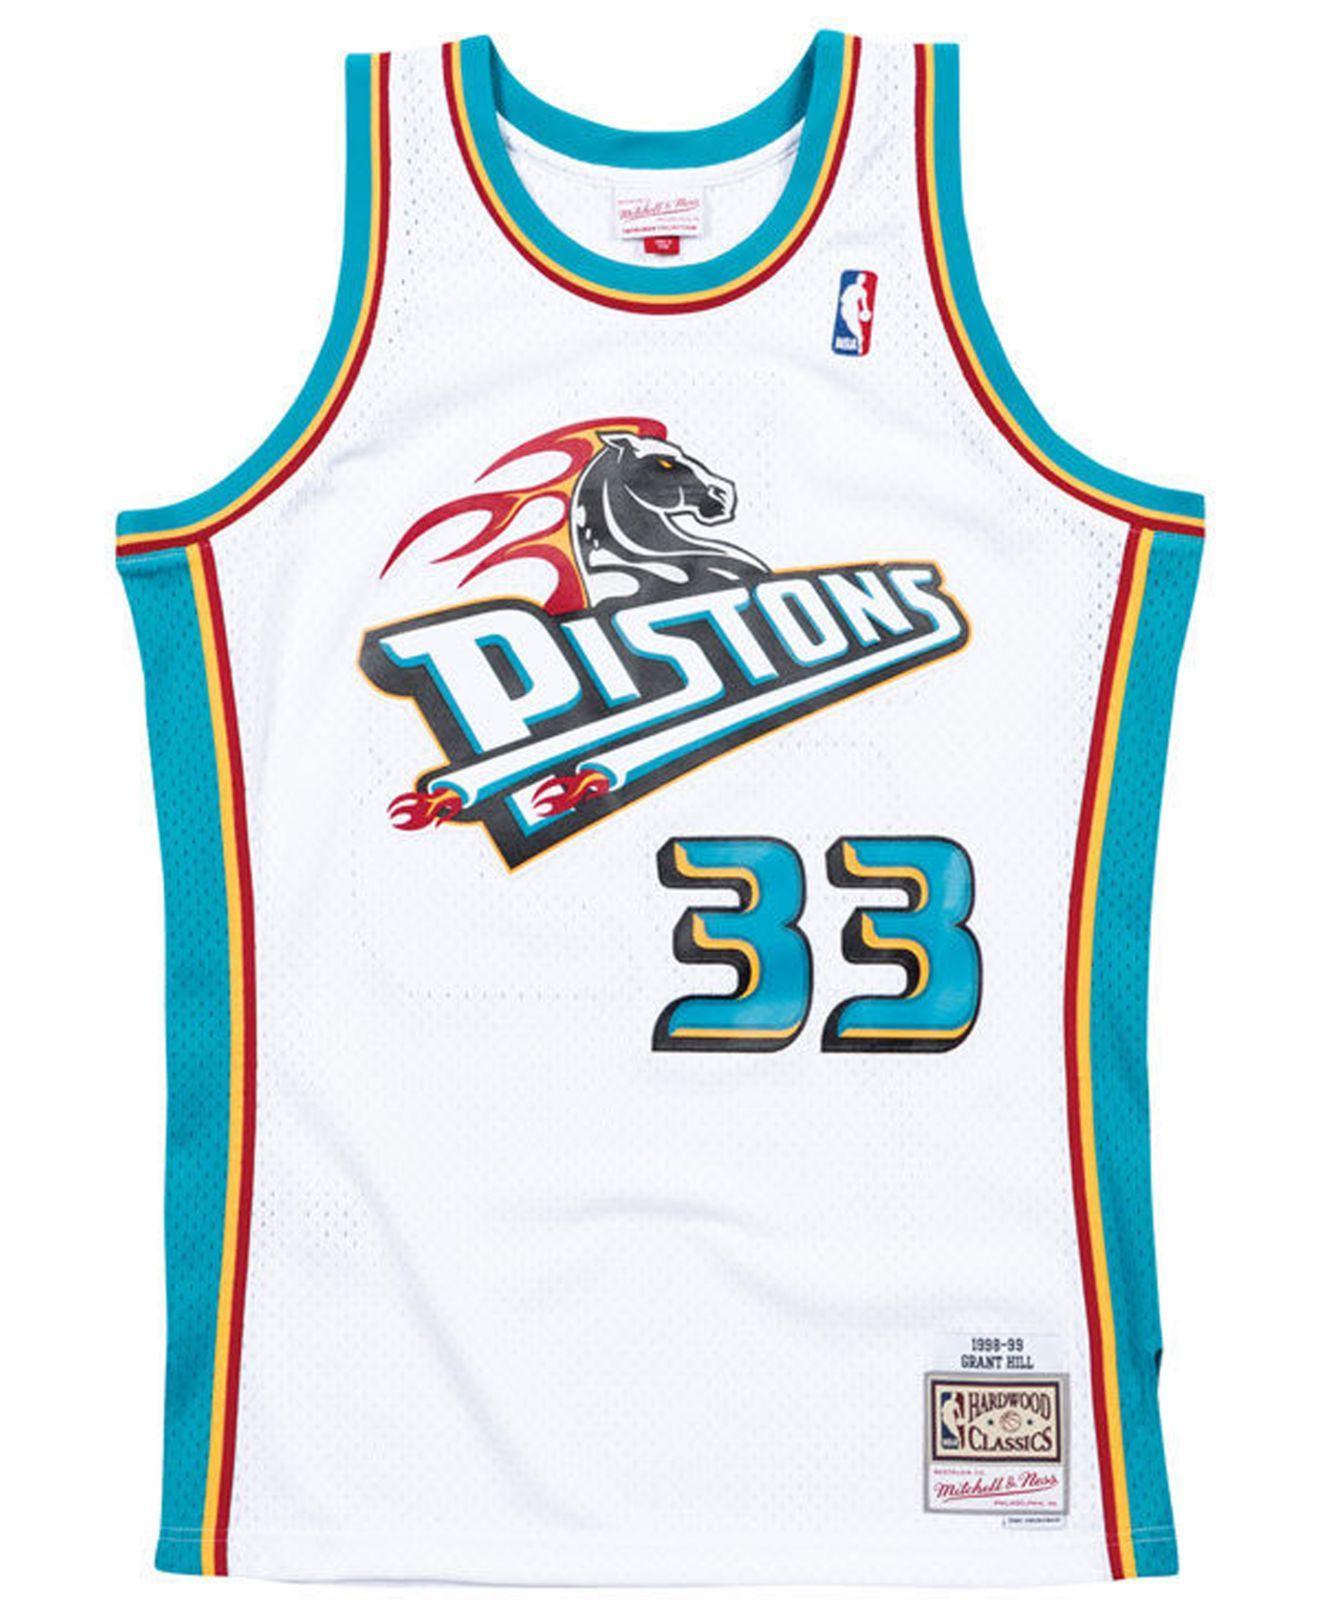 850d738e620 ... Grant Hill Detroit Pistons Hardwood Classic Swingman Jersey for Men -.  View fullscreen